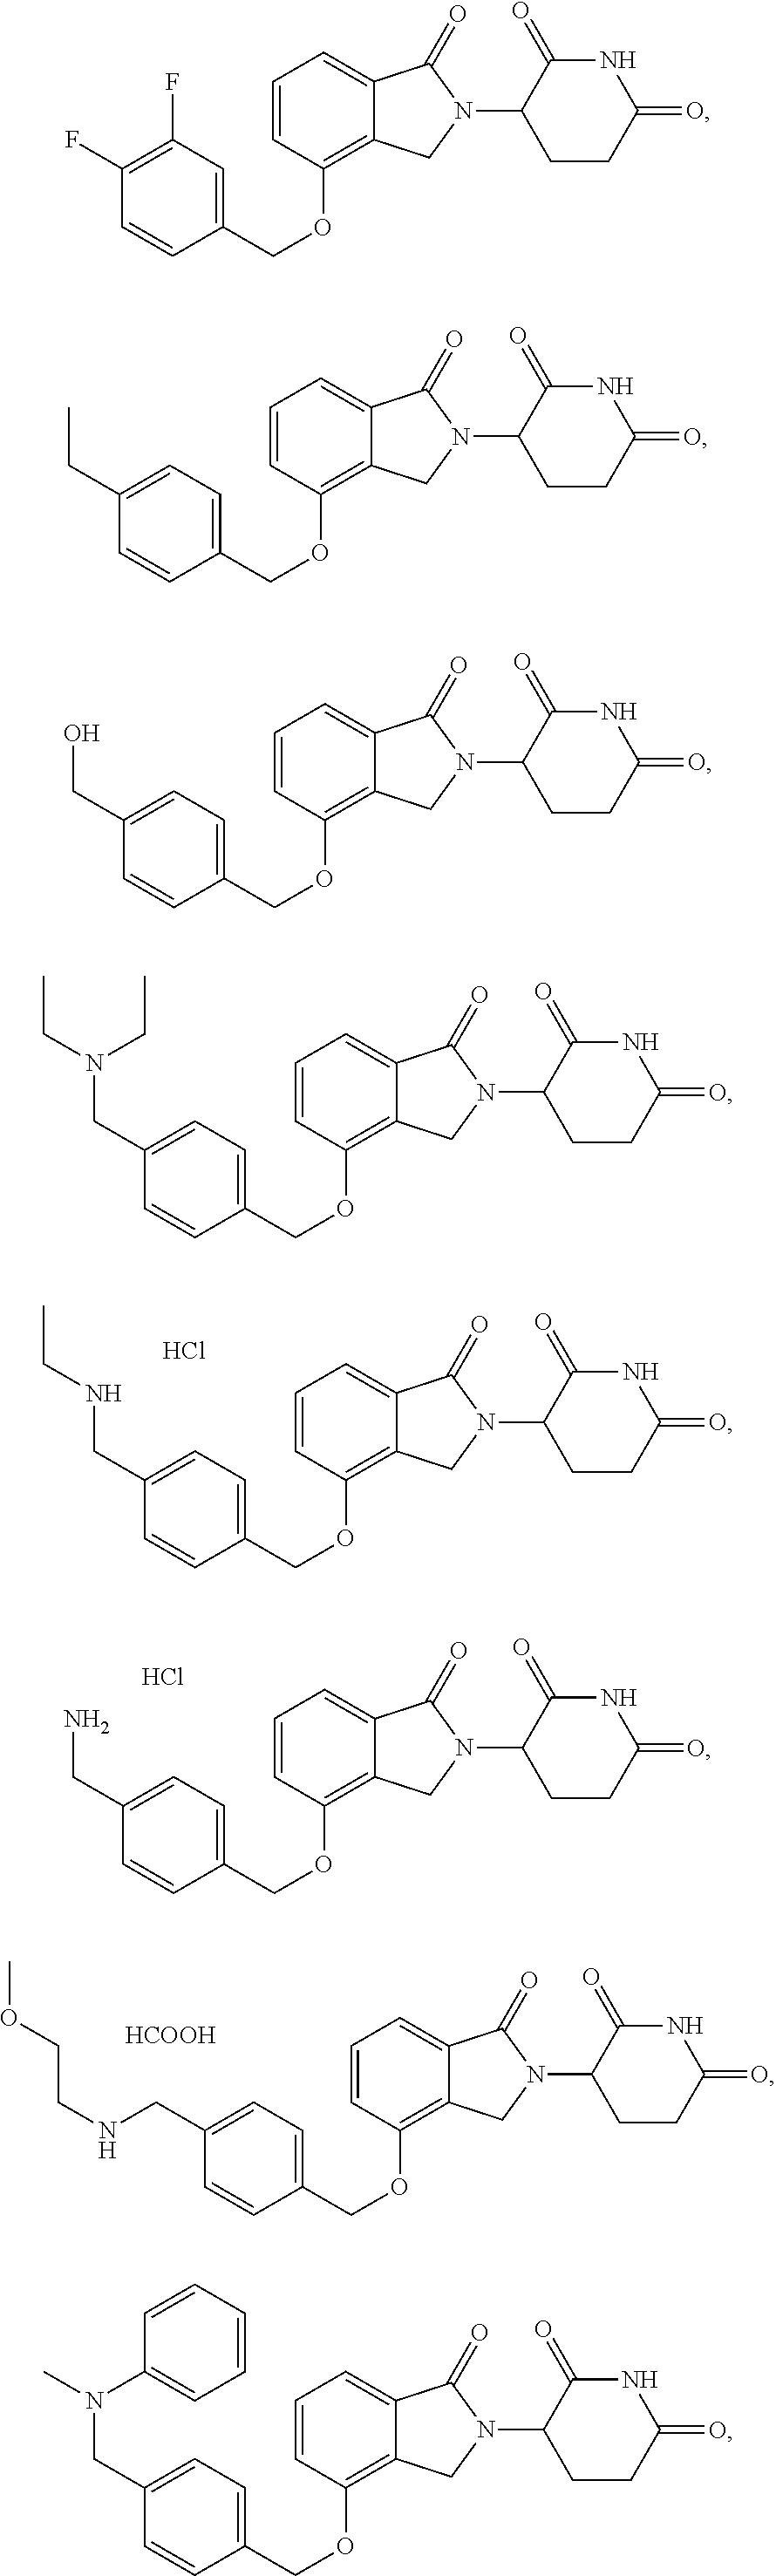 Figure US09587281-20170307-C00074